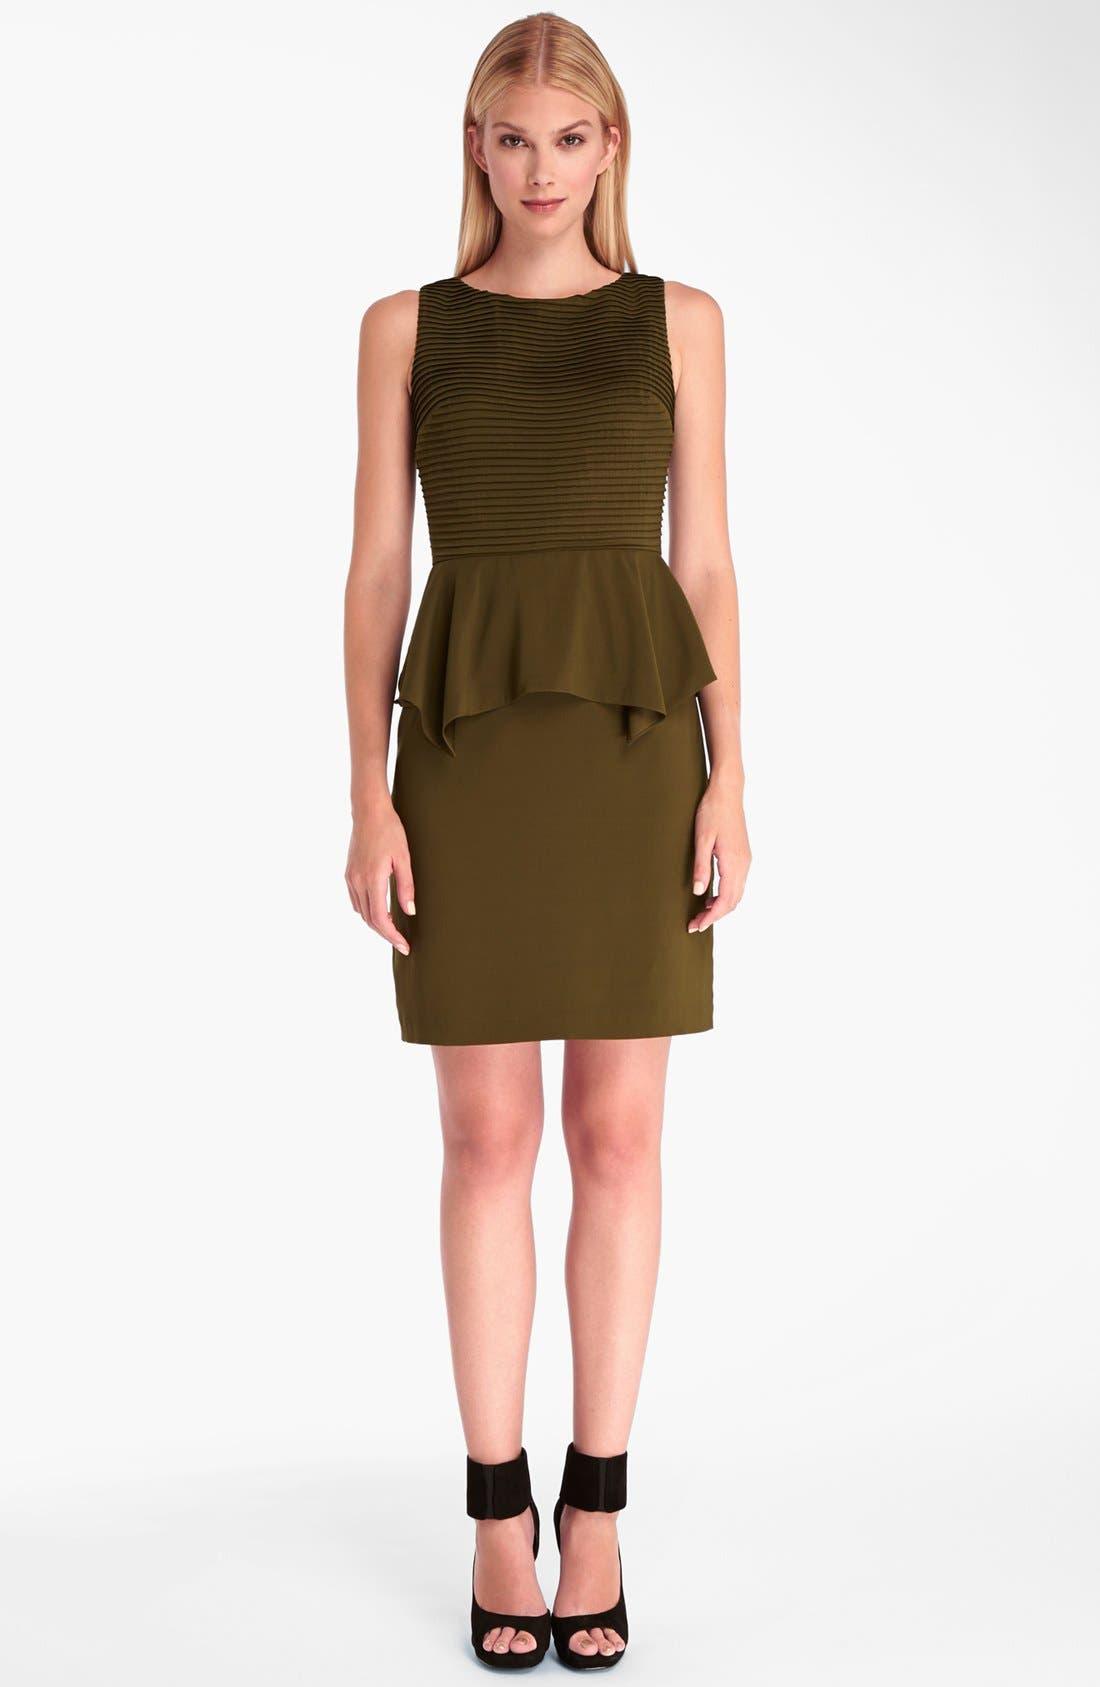 Alternate Image 1 Selected - Catherine Catherine Malandrino 'Abigail' Dress